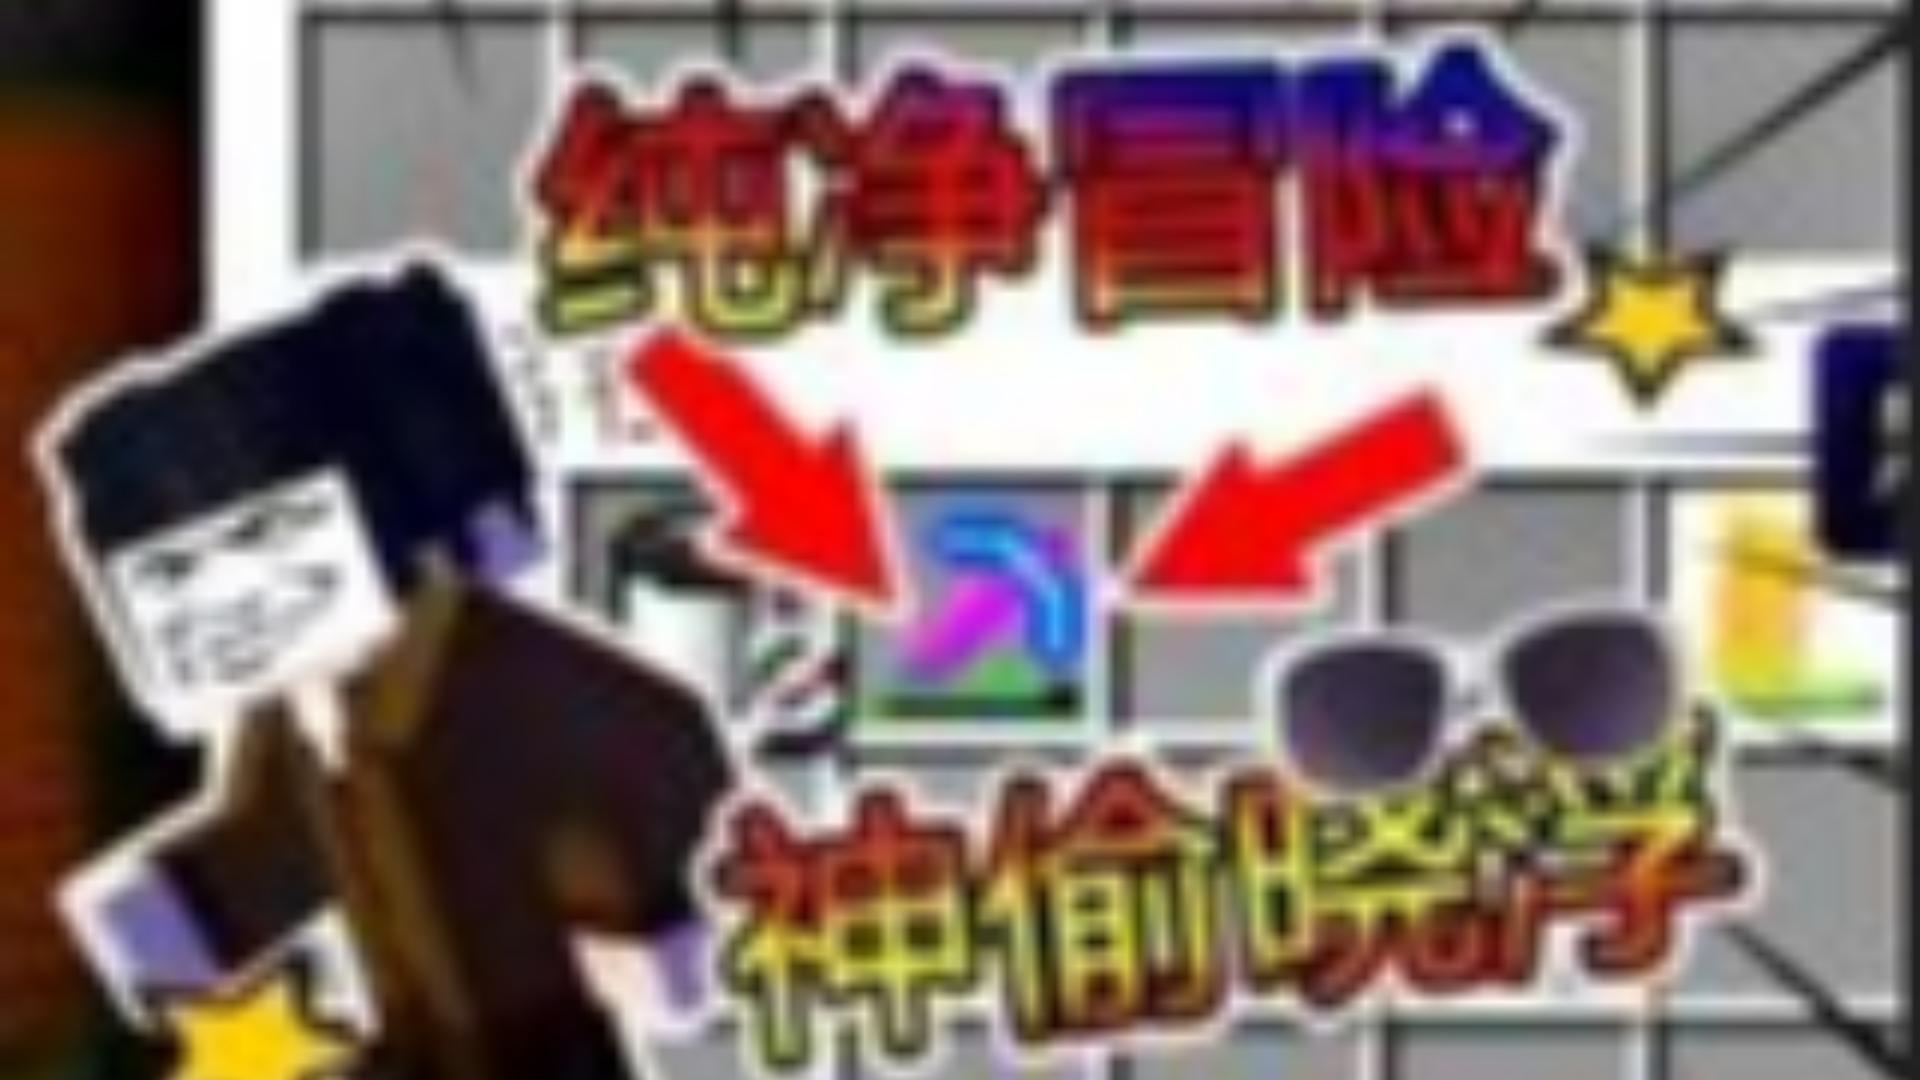 Minecraft服务器冒险【熊孩子晓浮上线】!!!【来到冷锡的生存冒险】神偷晓浮!!!